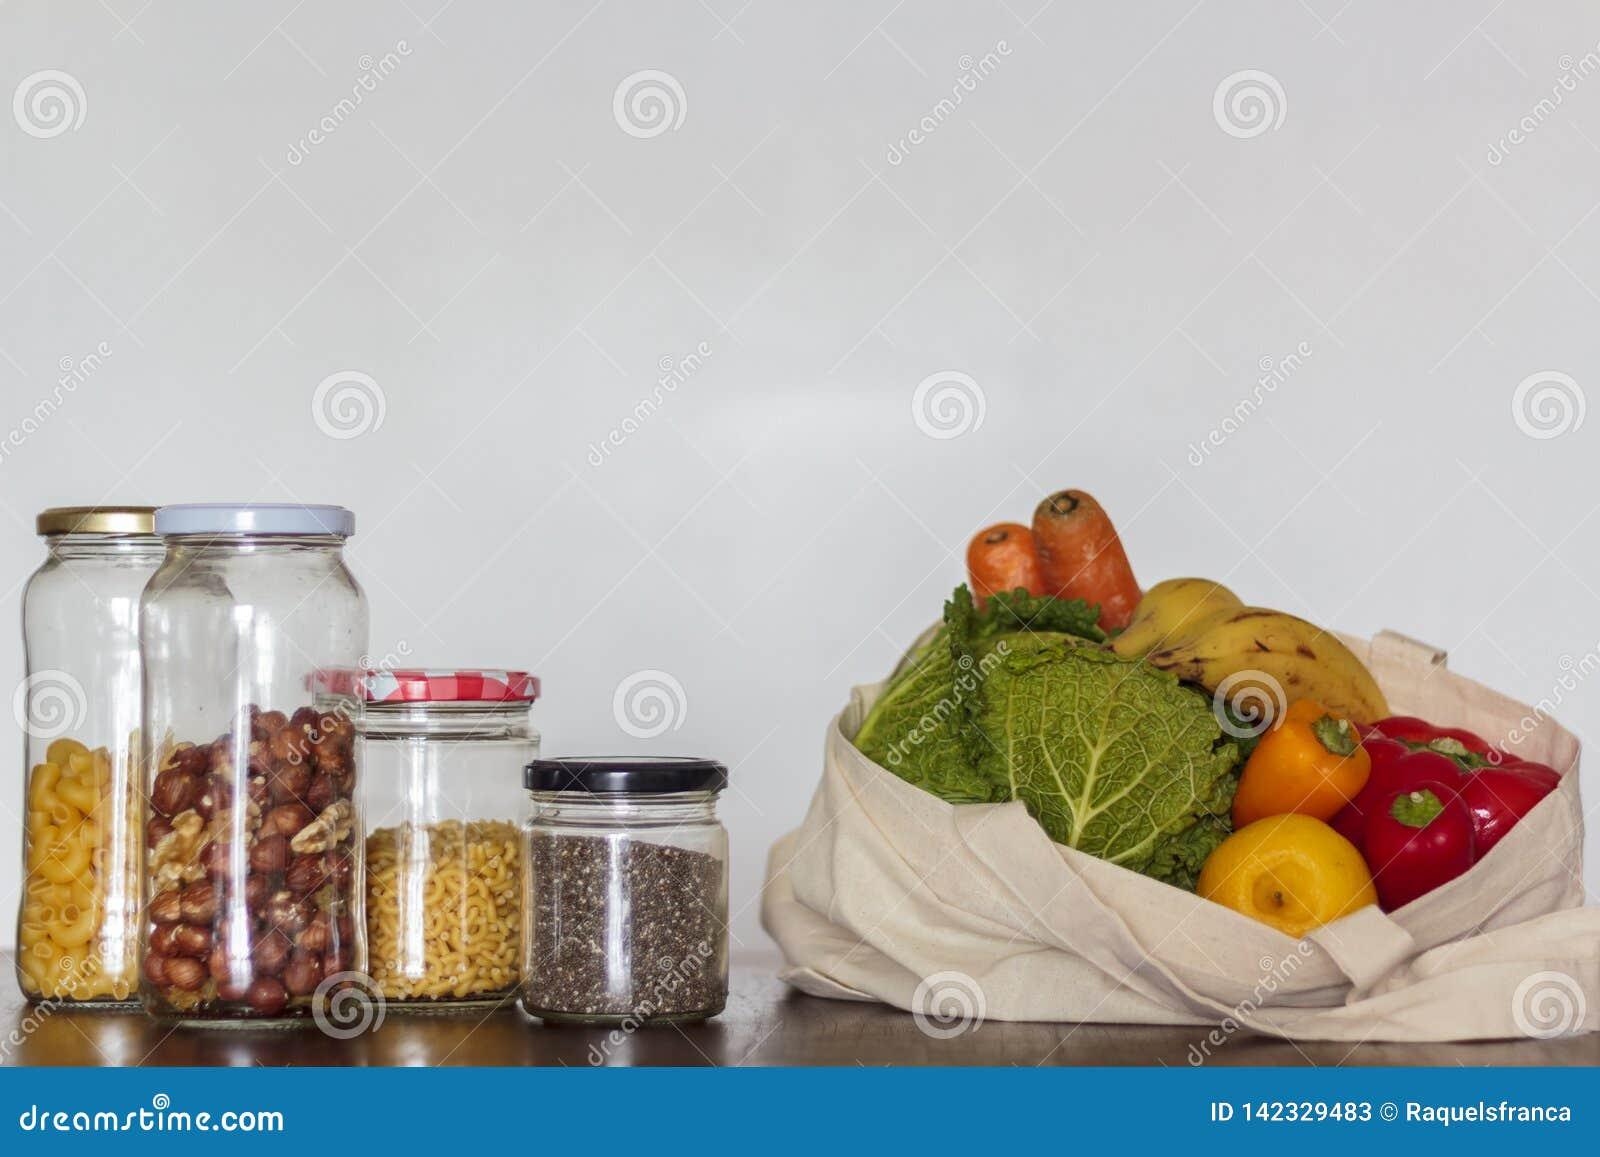 Alimento nos frascos de vidro e saco reusável com mantimentos Desperdício zero, conceito livre plástico